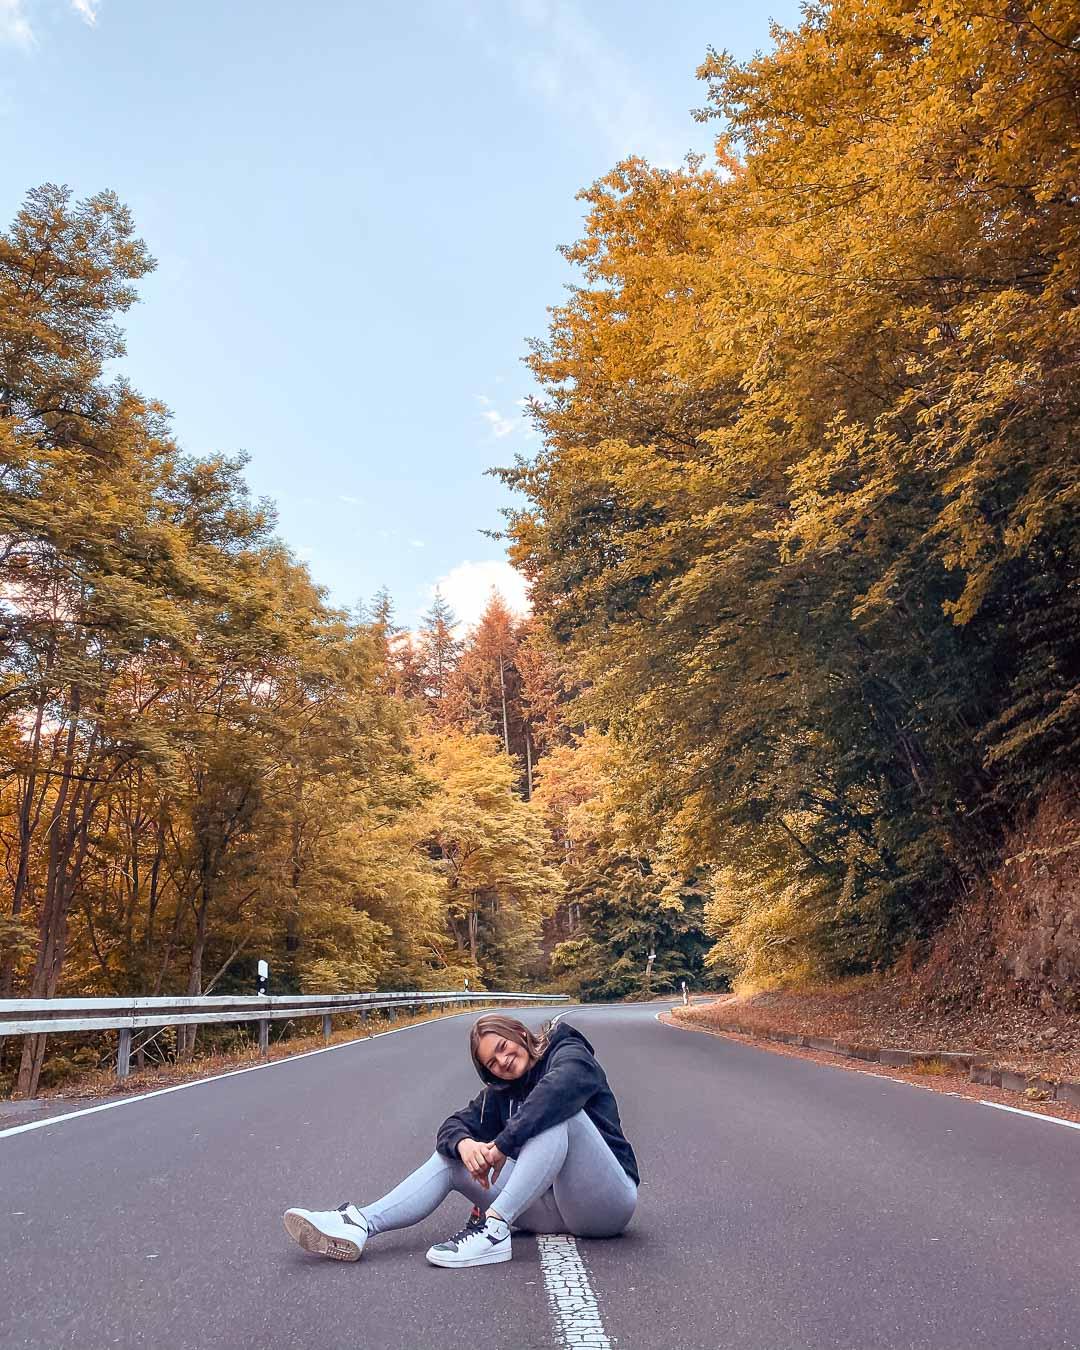 Herbst Fotoidee auf der Straße Ganzkörper